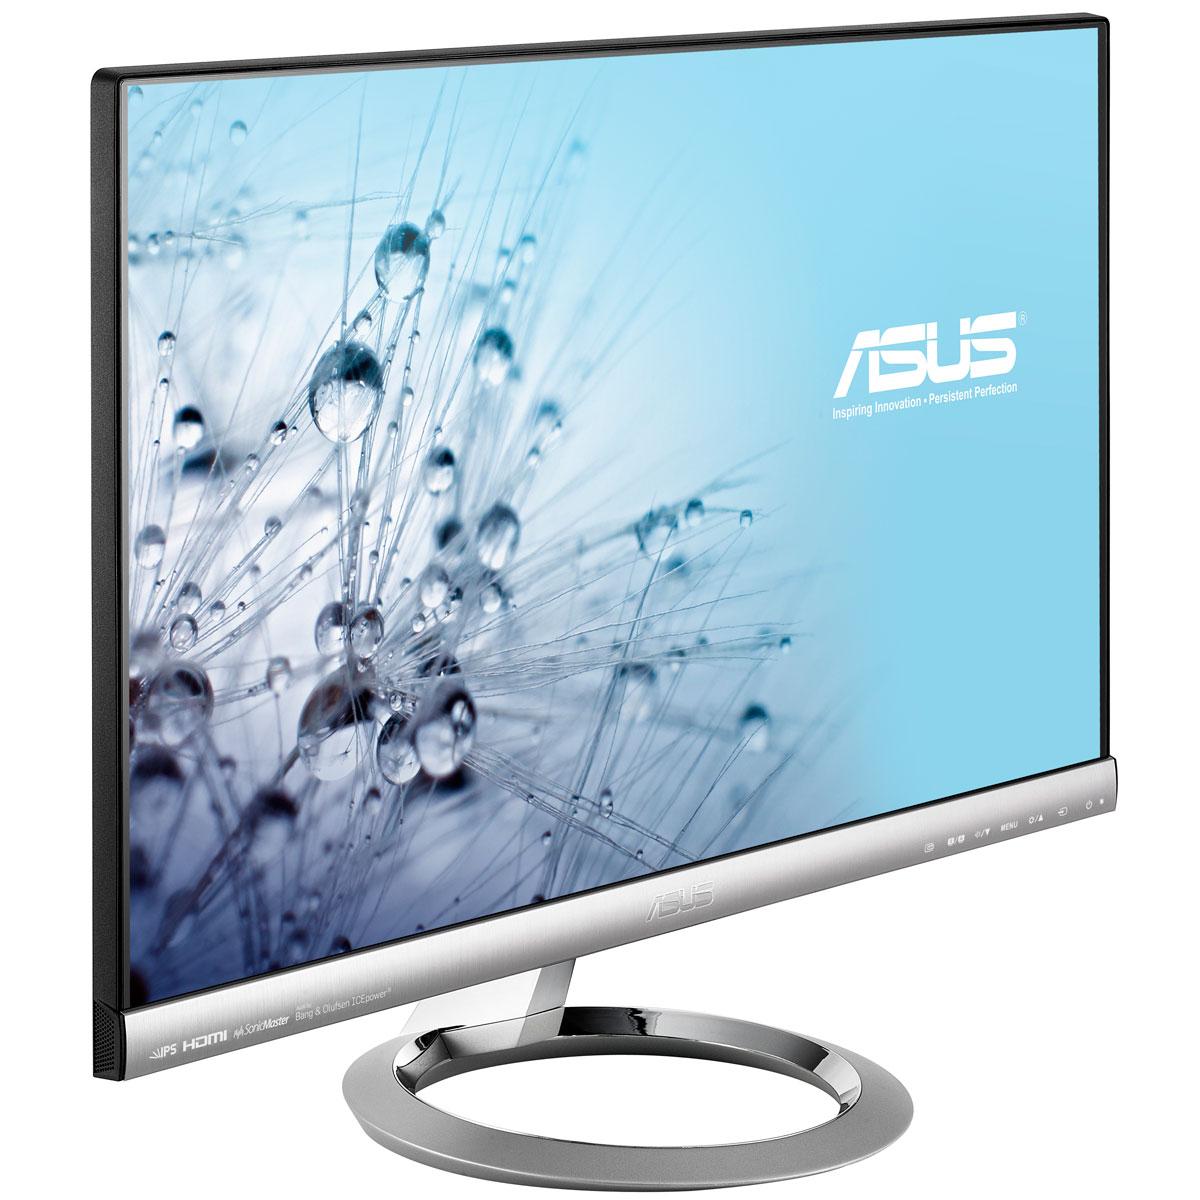 """Ecran PC ASUS 23"""" LED - Designo MX239H 1920 x 1080 pixels - 5 ms (gris à gris) - Format large 16/9 - Dalle IPS - HDMI - Noir (garantie constructeur 3 ans)"""